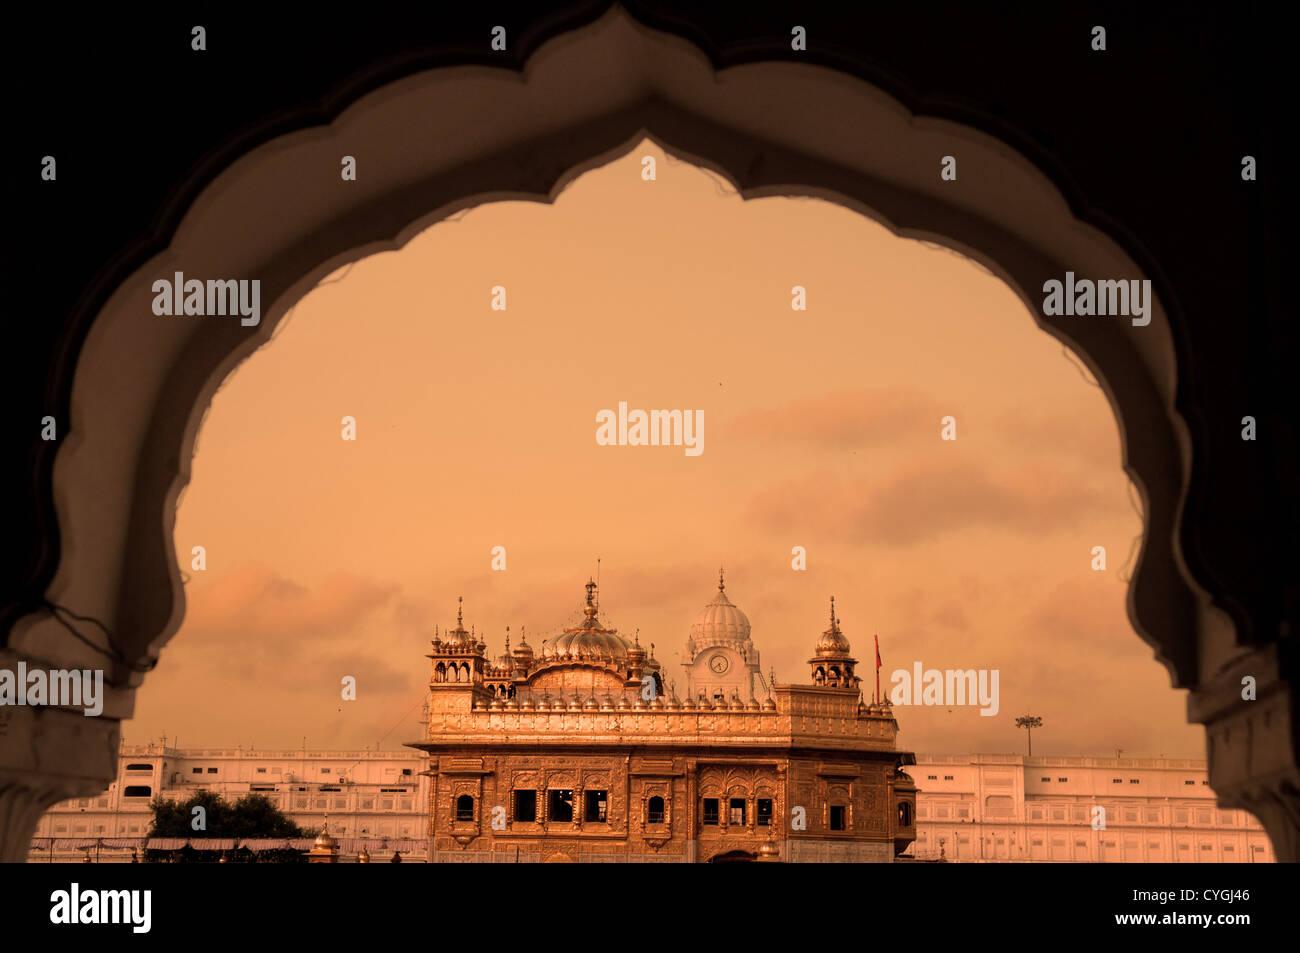 Der Goldene Tempel von Amritsar - Indien. Umrahmt von Windows aus Westseite. Tempel im Fokus Stockbild